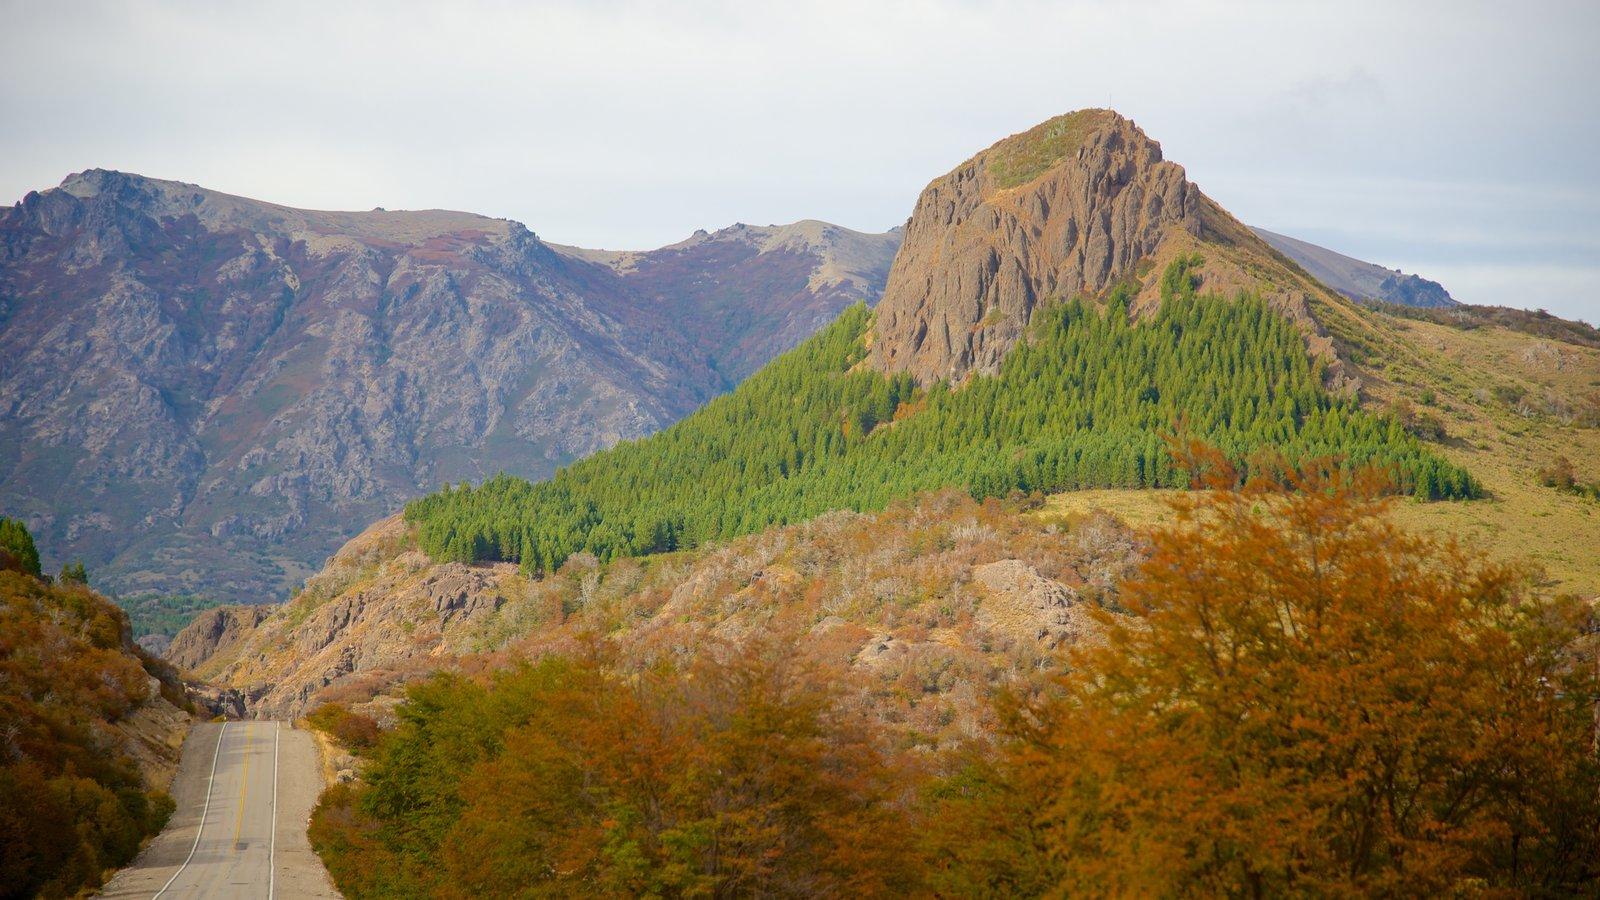 San Martin de los Andes mostrando paisagem e cenas tranquilas